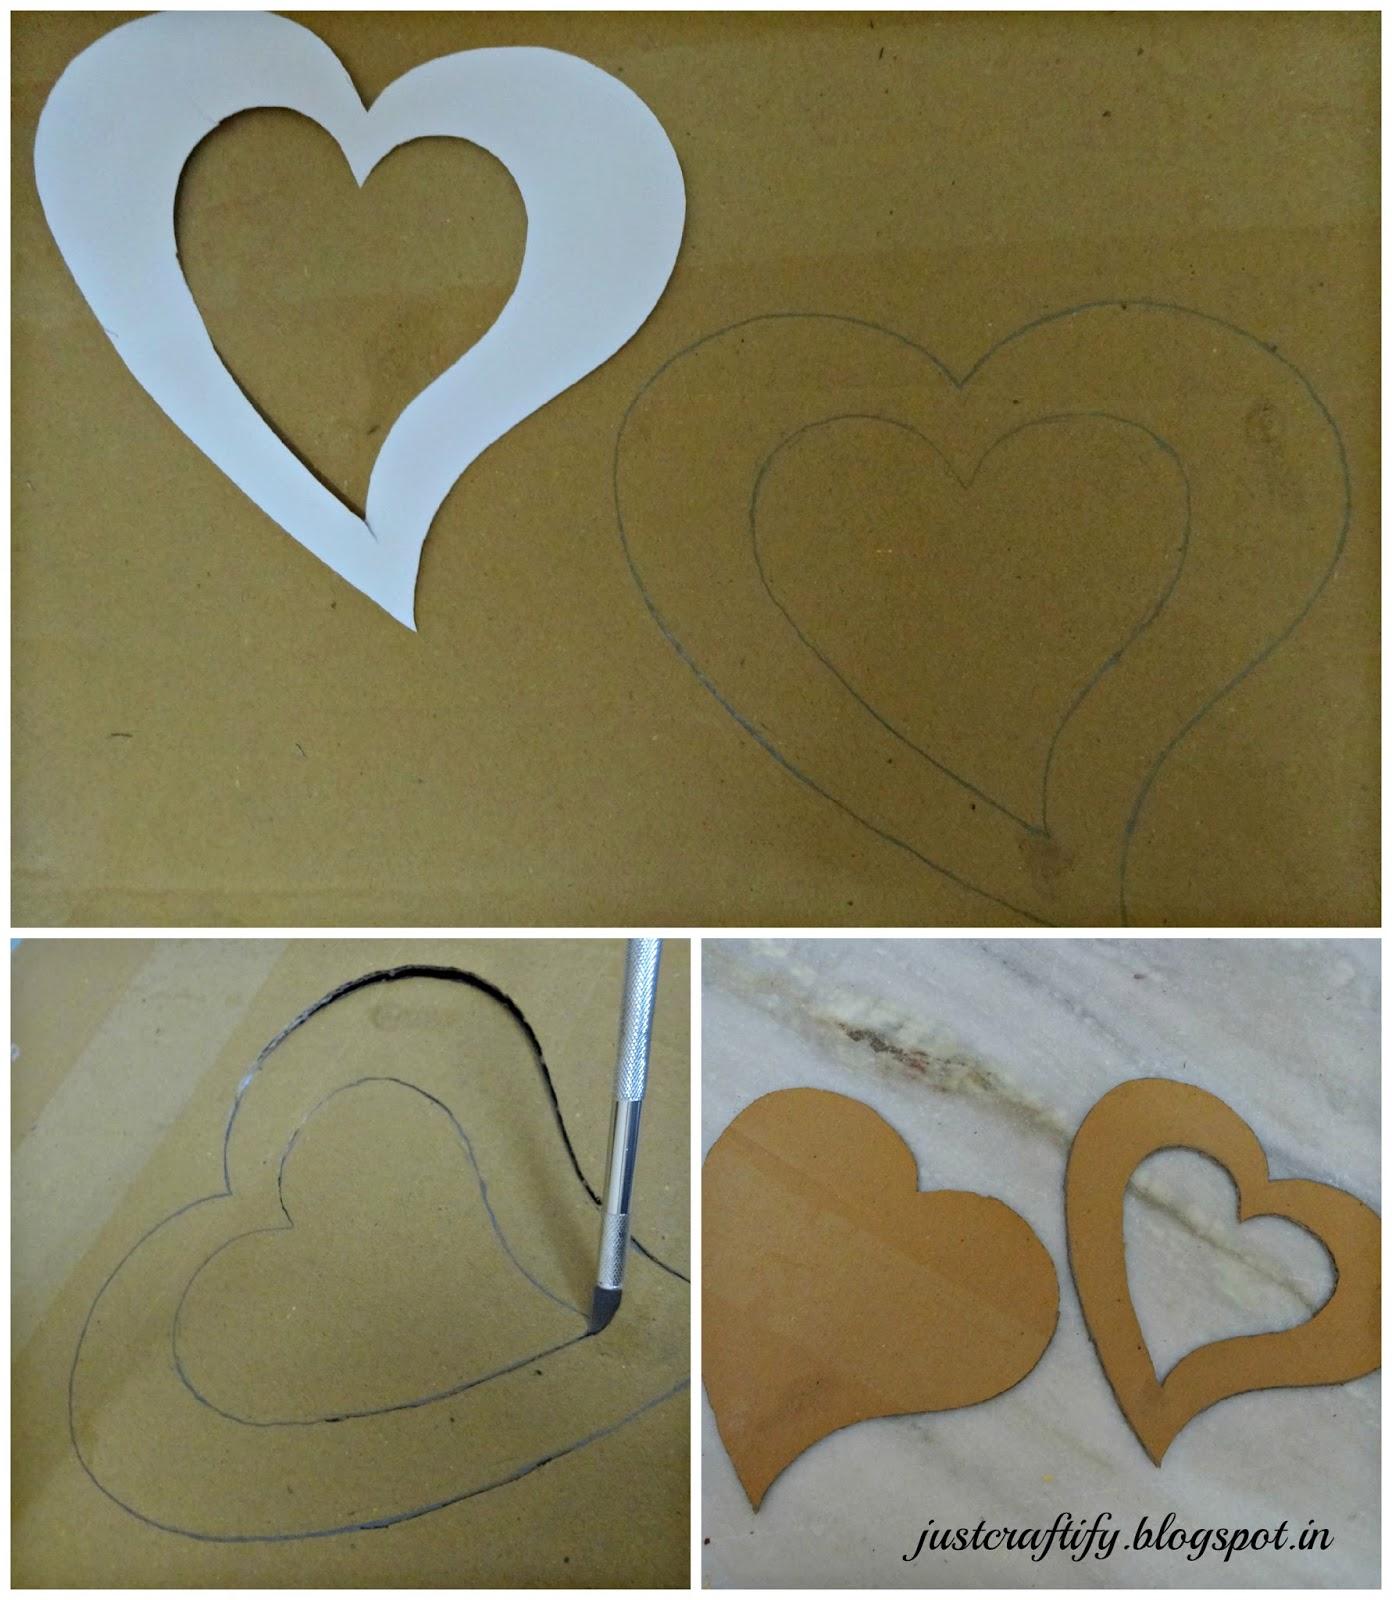 Just Craftify.!!: DIY Photo Frame using Cardboard